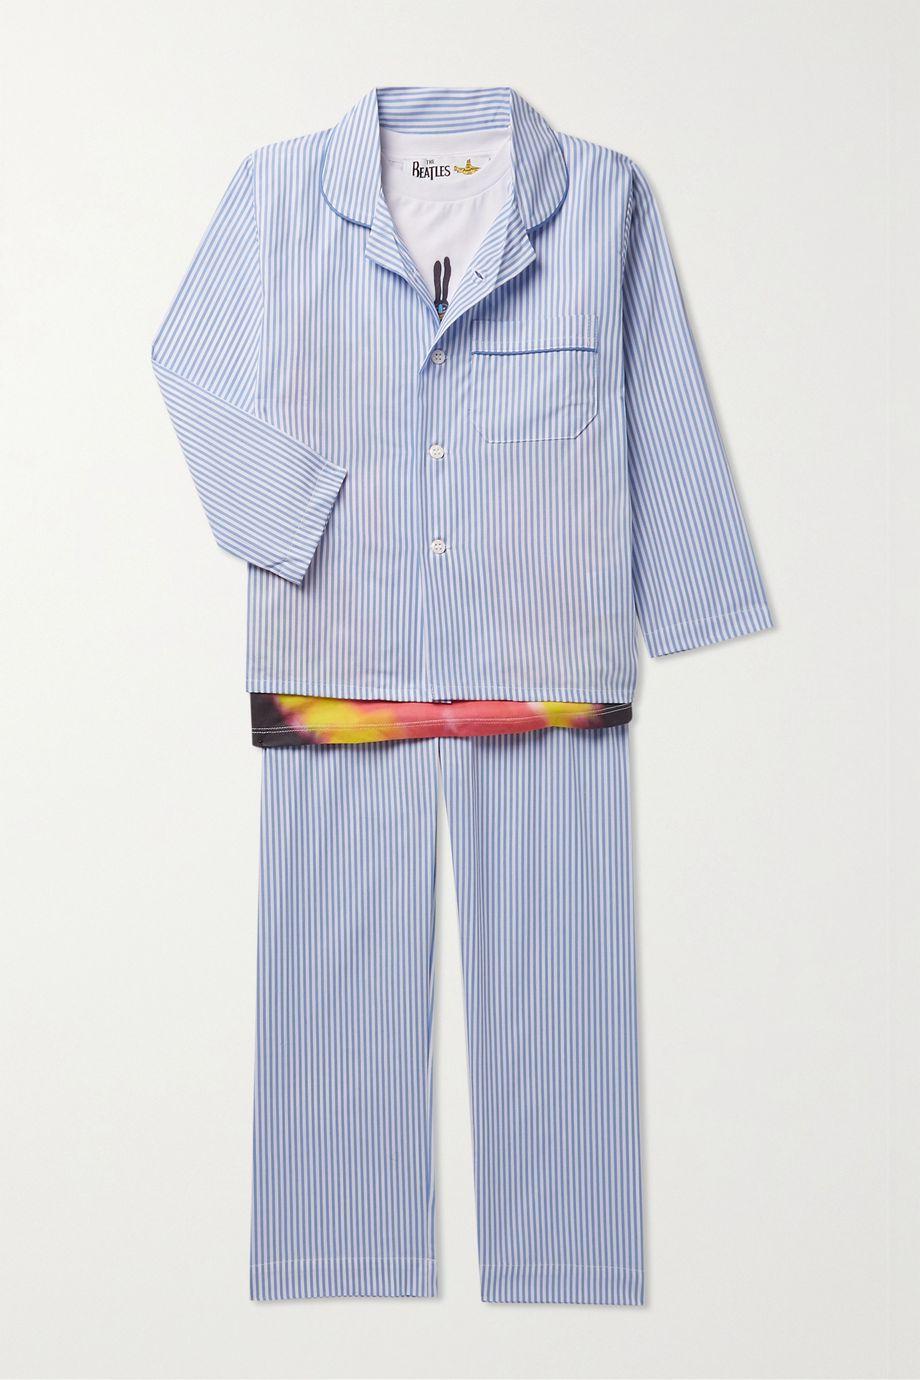 Derek Rose Kids Ages 3 - 12 piped striped cotton pajama set